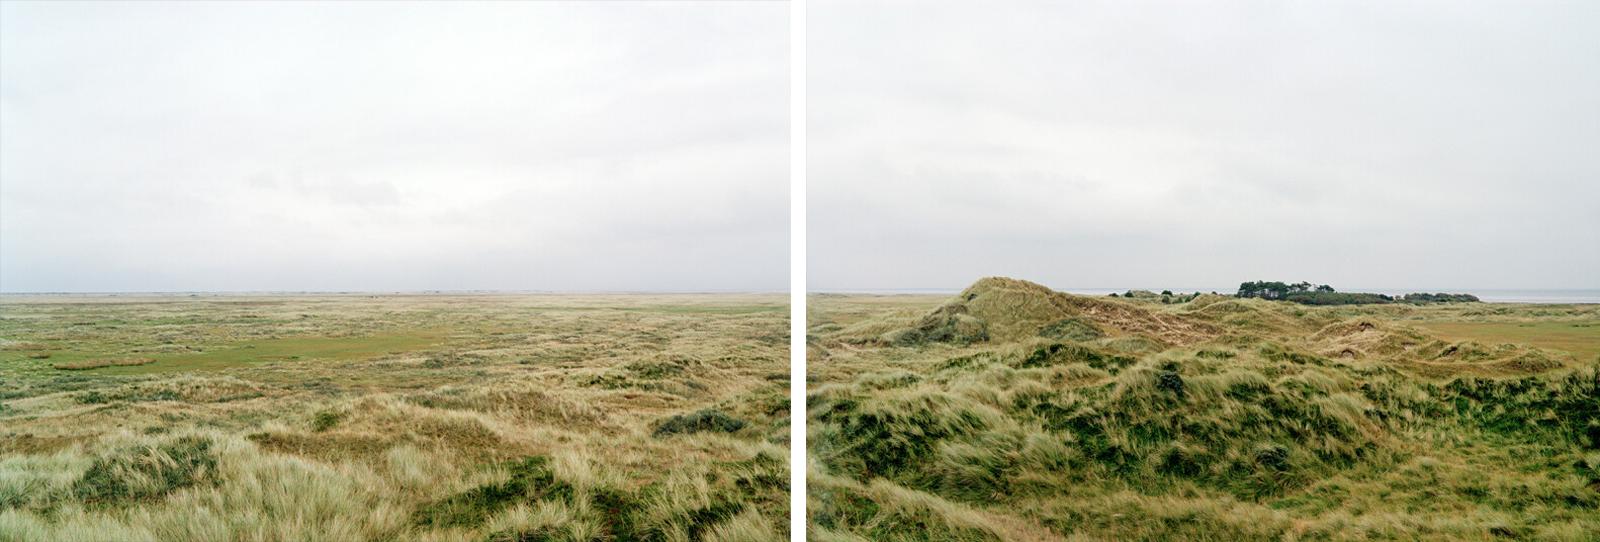 Boschplaat 1 - Jan Koster